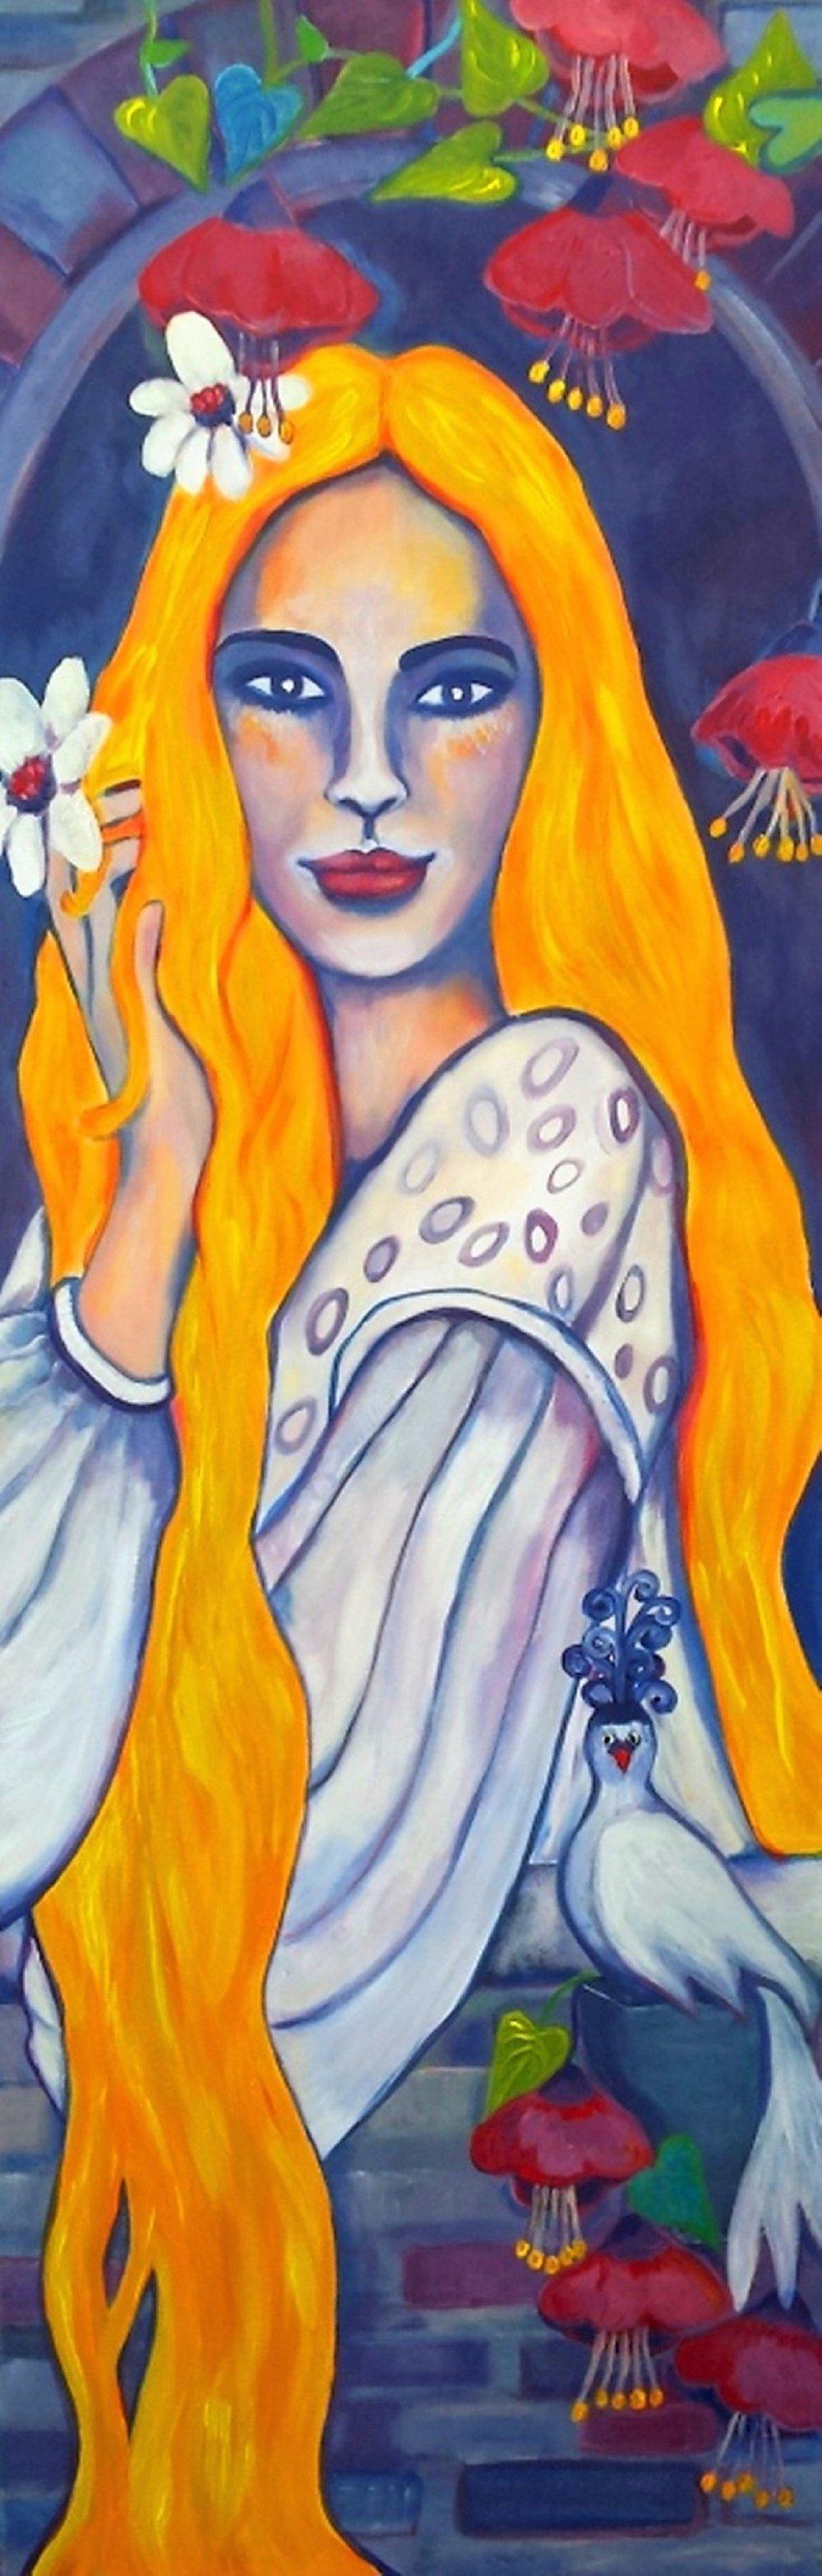 Rapunzel - Fairy Tale. Gabi Domenig.jpg